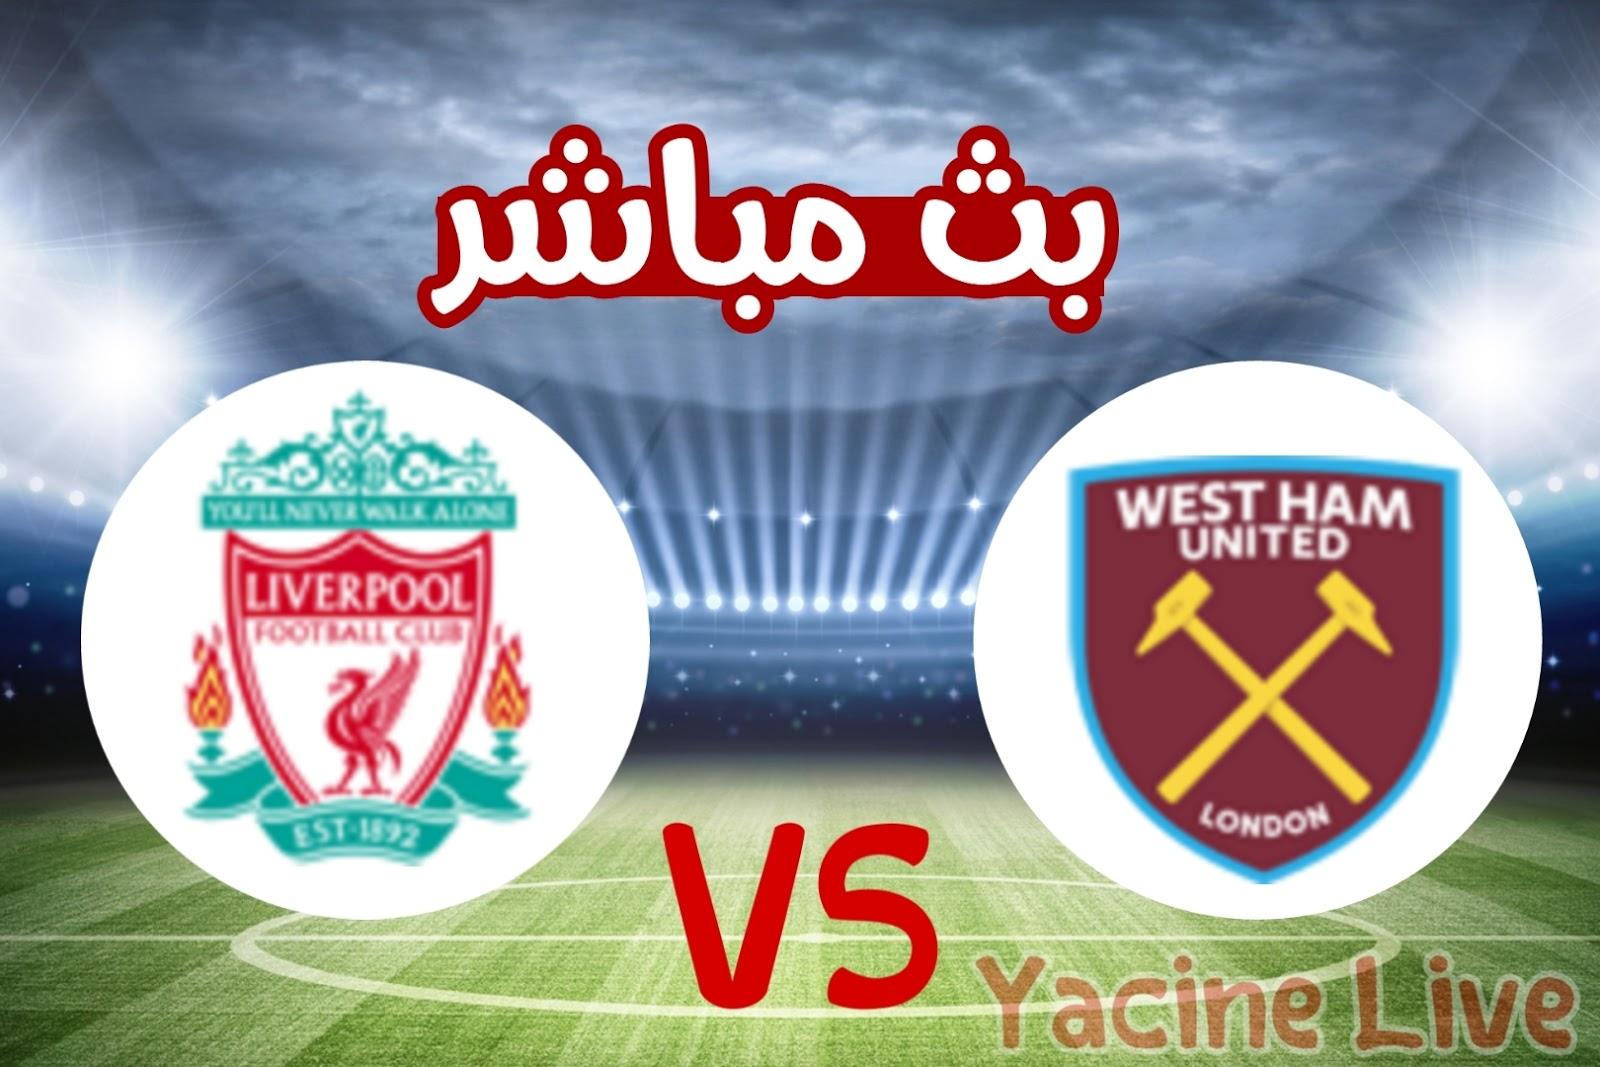 بث مباشر ليفربول ضد ويست هام يونايتد بجودة عالية وبدون اي تقطعات